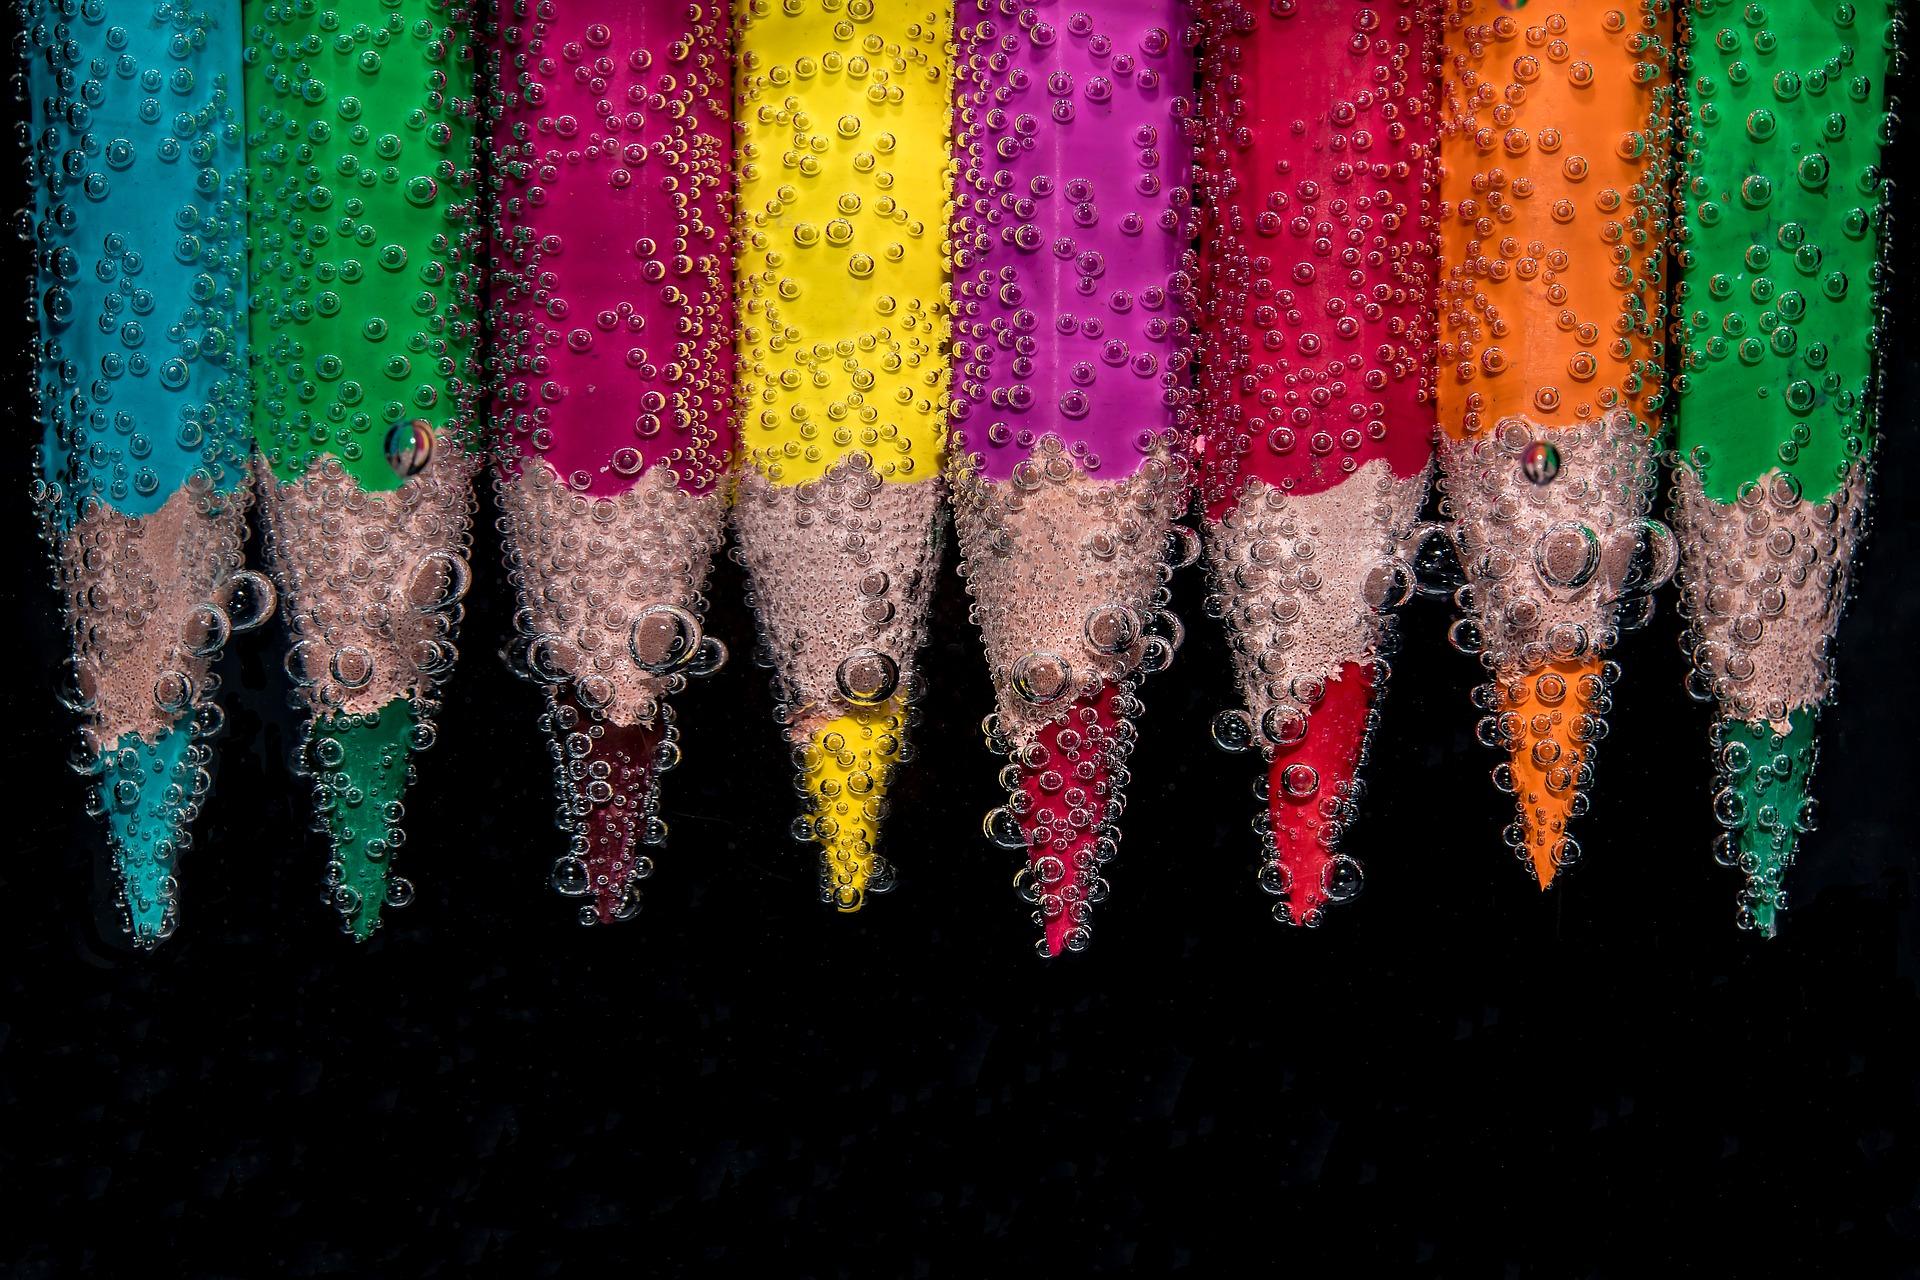 Les couleurs et les émotions associées